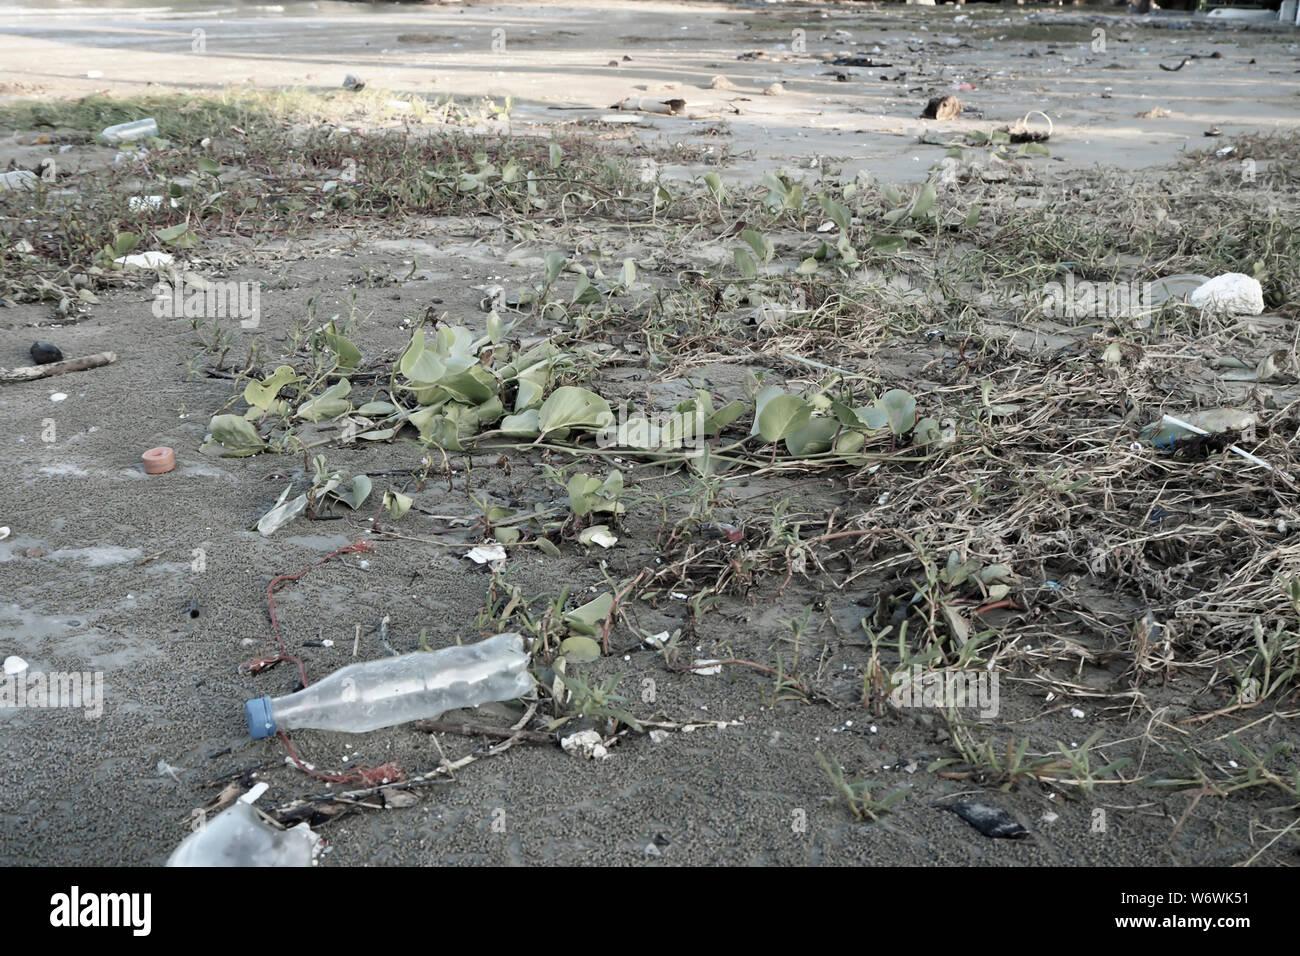 Botellas de plástico para agua la contaminación en el océano (concepto de entorno). Botella de plástico en la playa. El plástico mata a nuestras criaturas marinas. Foto de stock